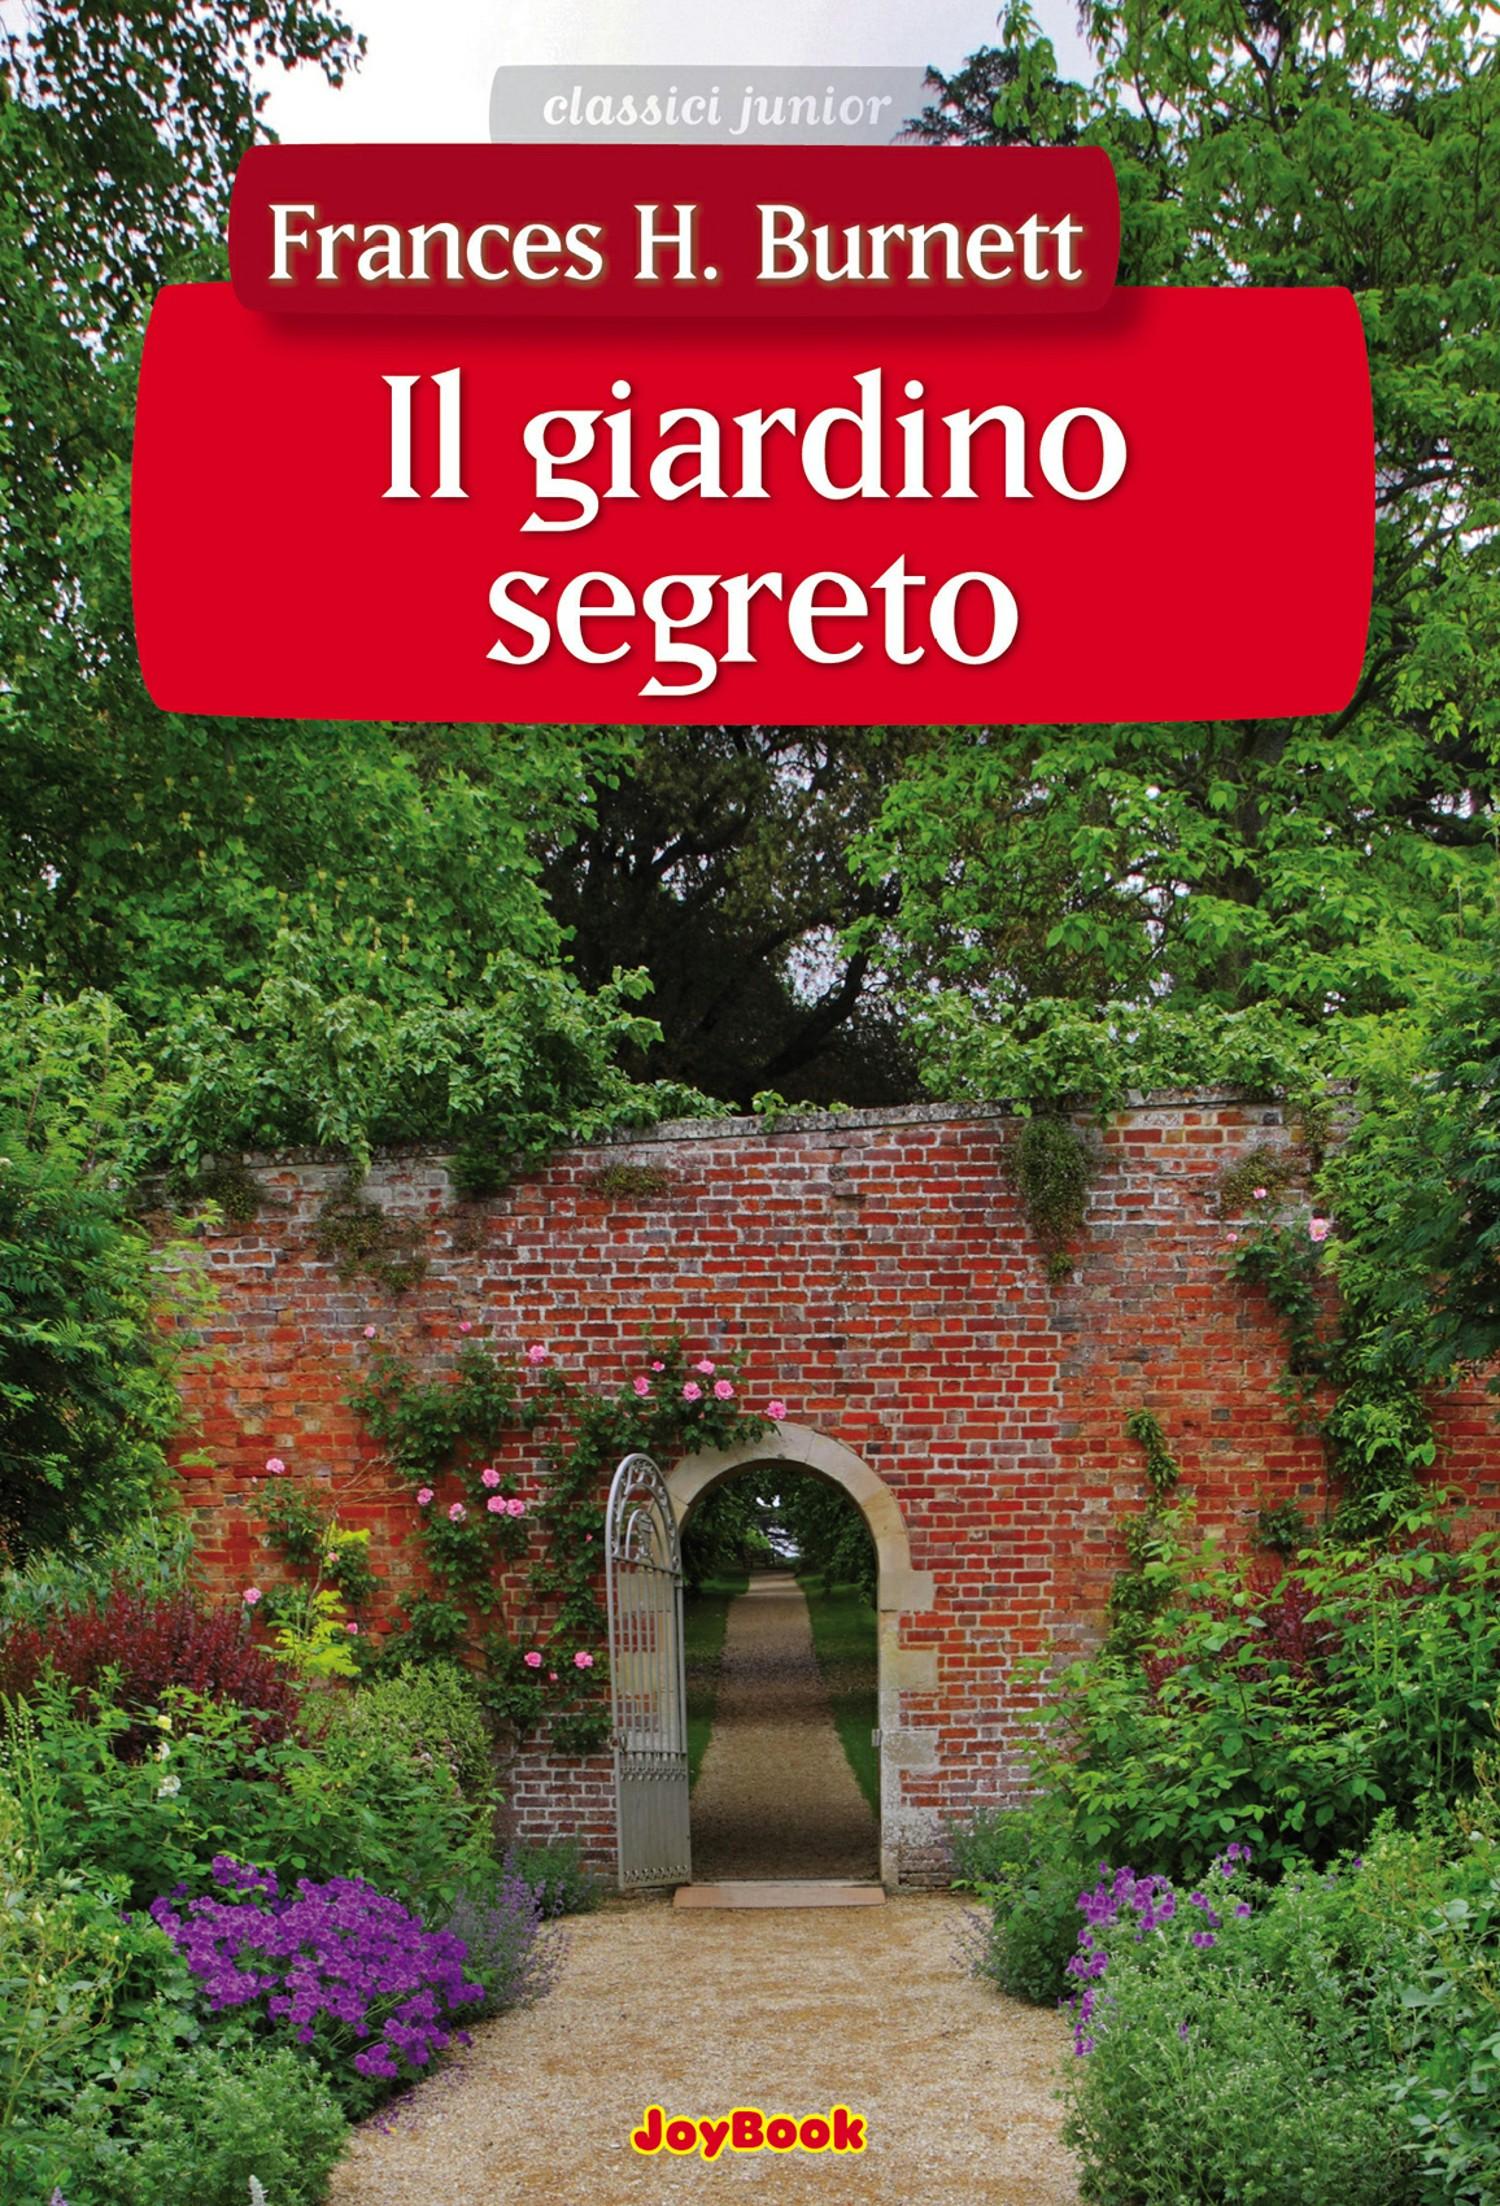 Il giardino segreto frances h burnett ebook bookrepublic - Il giardino segreto banana ...